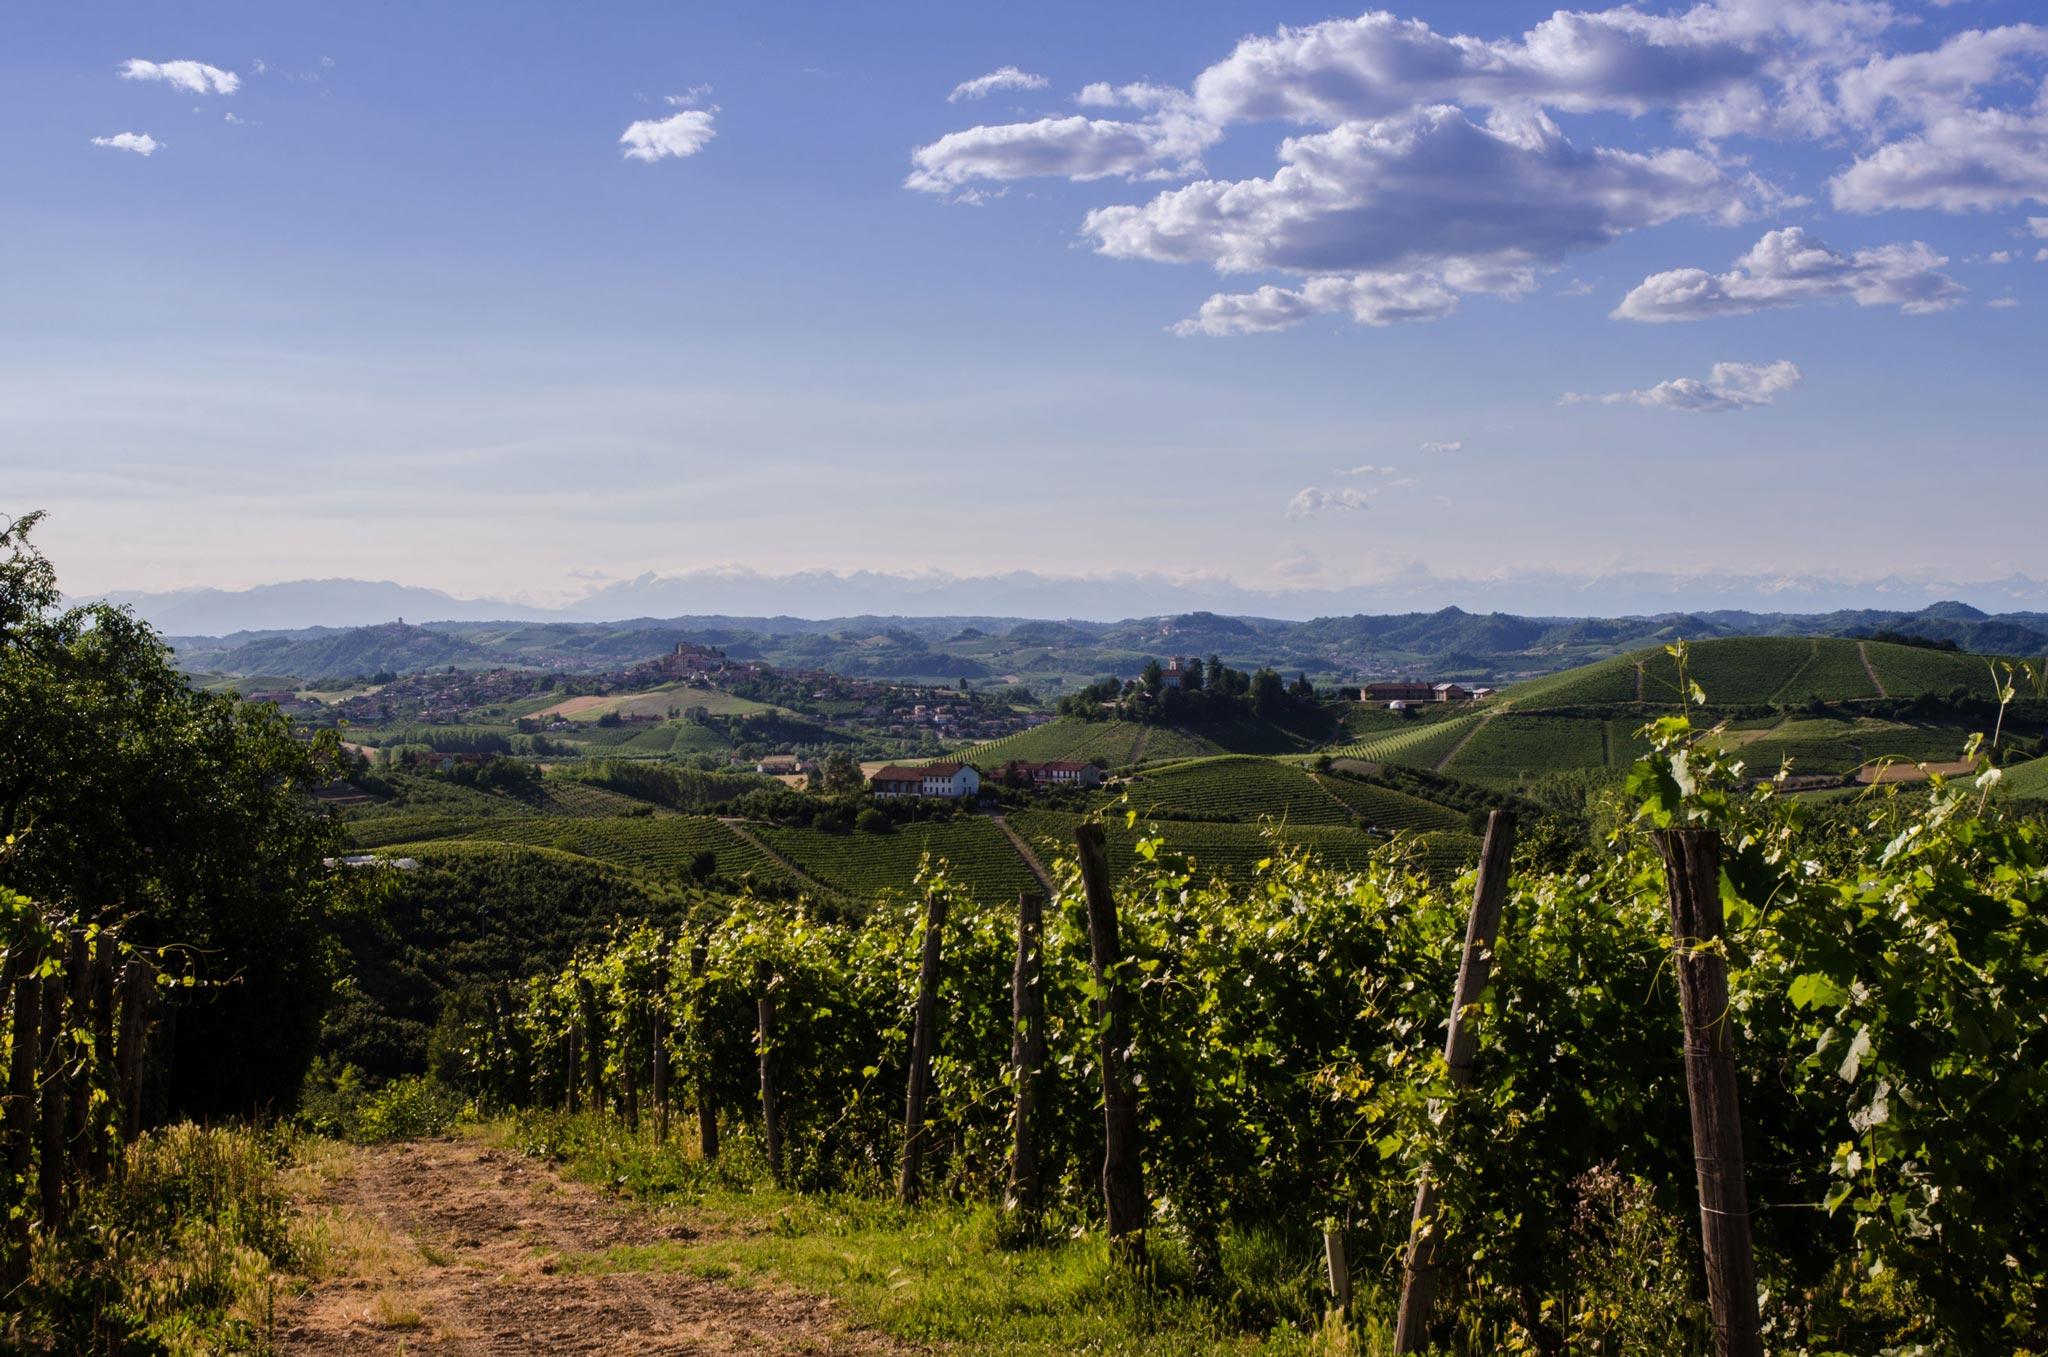 Paesaggi-Italia - DSC 1019 2 1 - Fotografo-nelle-Langhe-Colline-Piemontesi - Fotografo-nelle-Langhe-Colline-Piemontesi